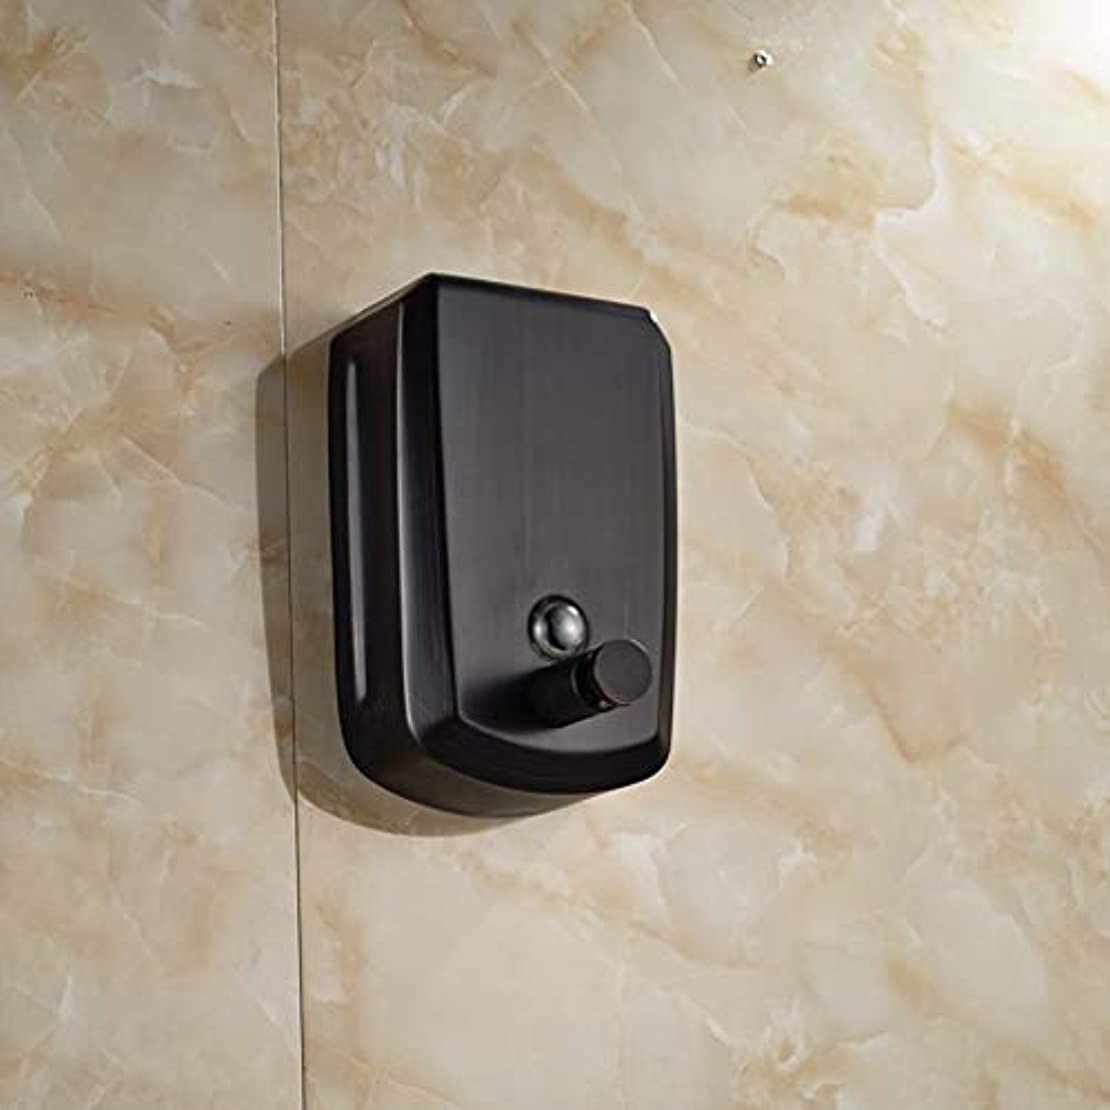 プレゼンターしたがってフォーマルLUDSUY Oil Rubbed Bronze 800ml Bathroom Soap Dispenser Liquid Soap Pump Lotion DispenserBathroom accessories